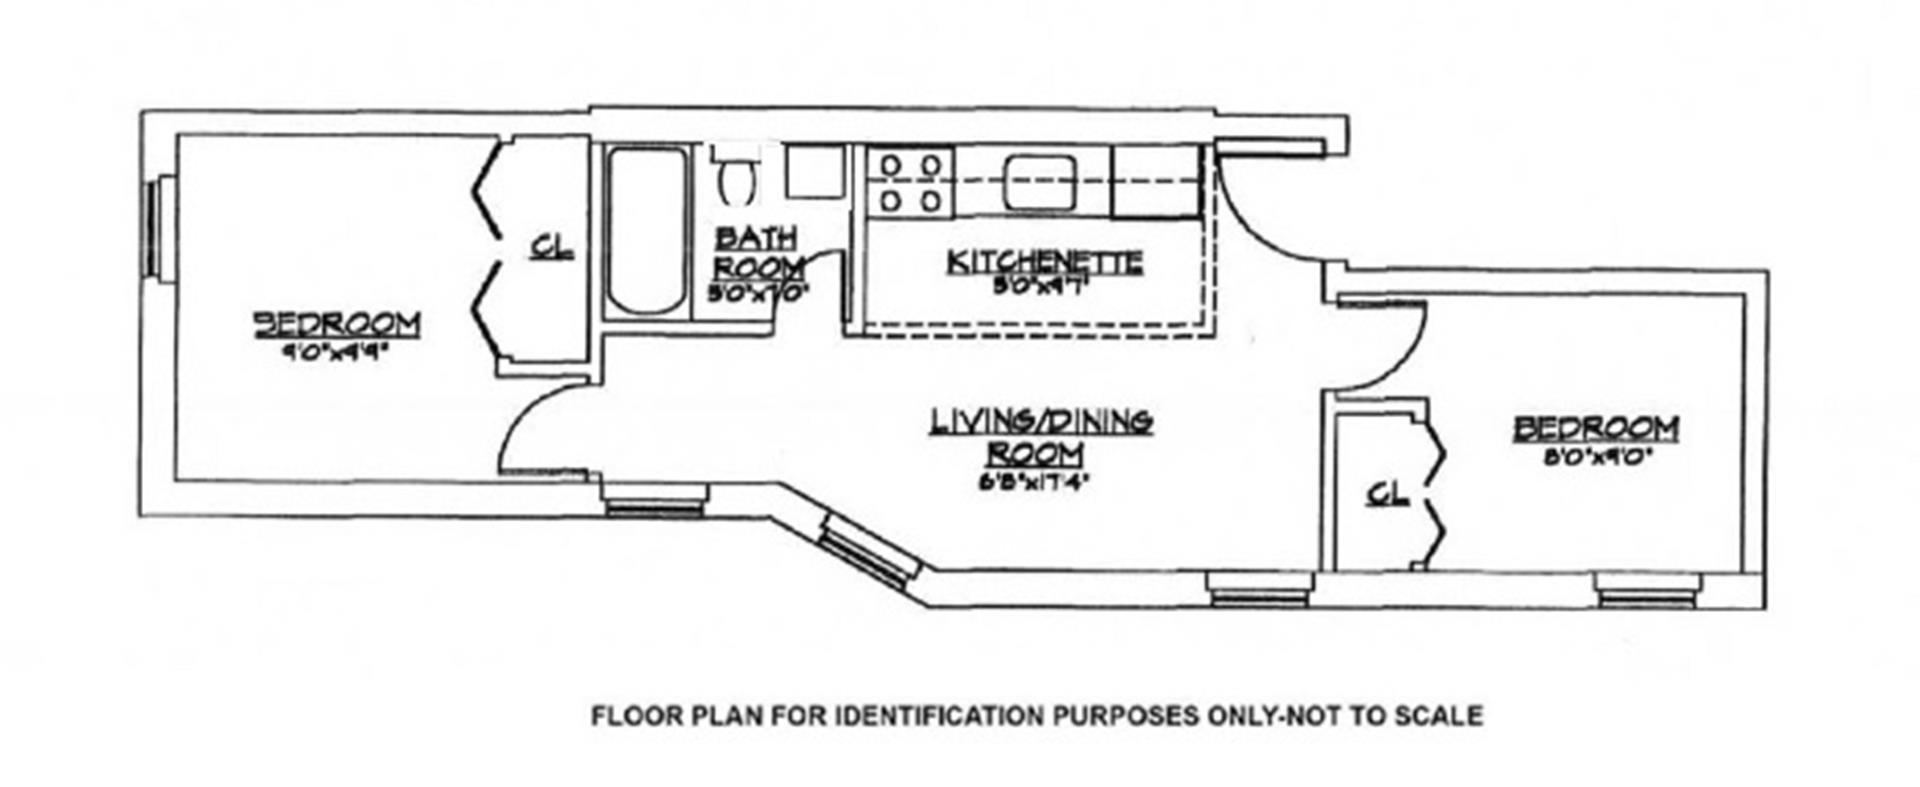 Floor plan of 1062 Bergen St, 3C - Crown Heights, New York